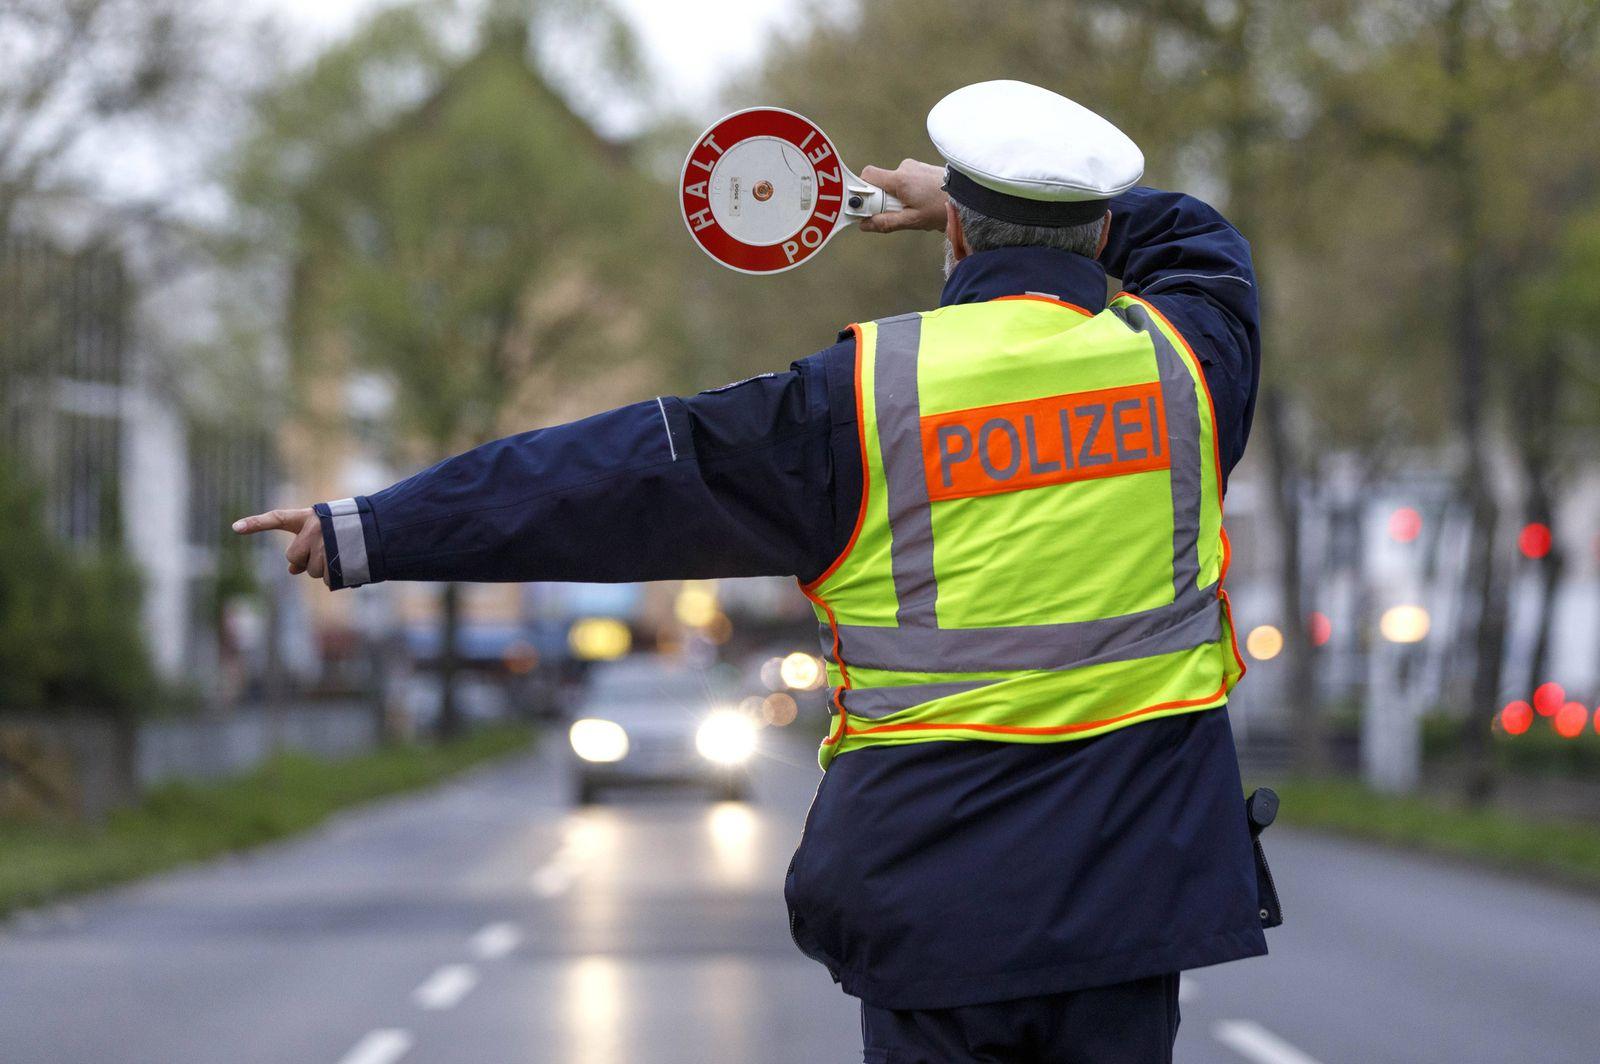 Schwerpunkt Kontrolle der Polizei Köln auf der Luxemburger Straße Köln 05 04 2017 Foto xC xHardtx